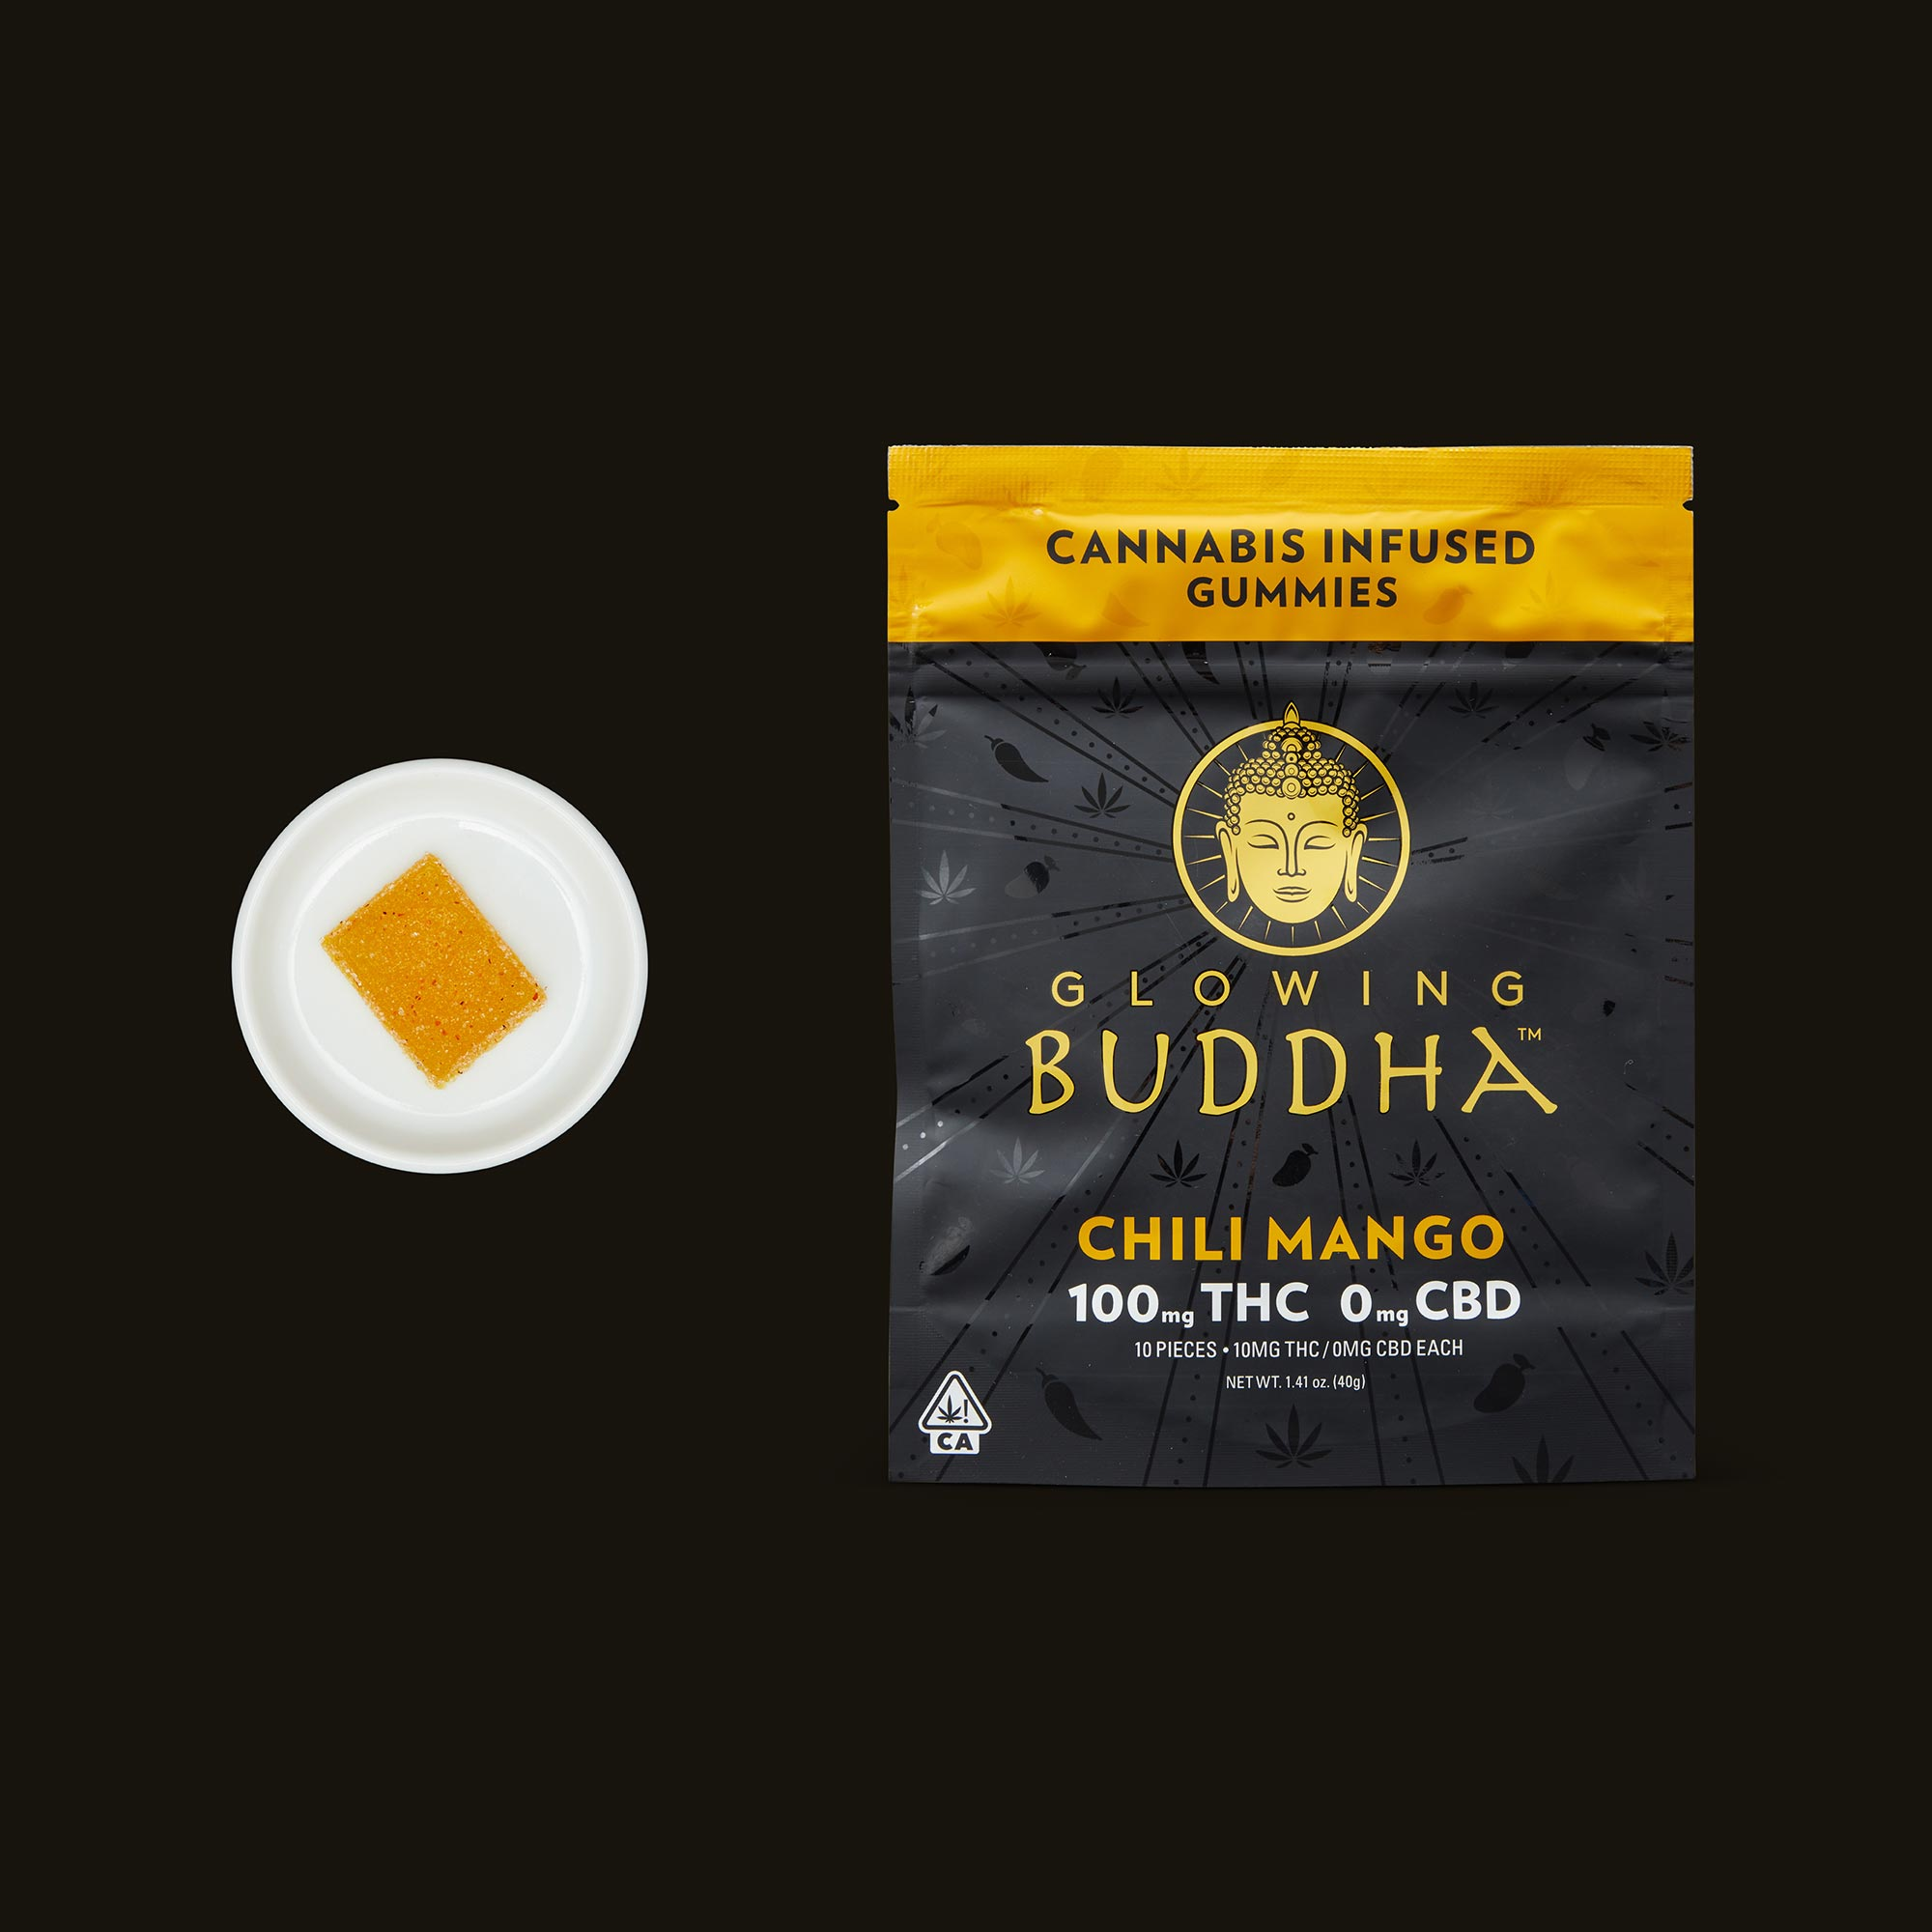 Glowing Buddha Chili Mango Gummies